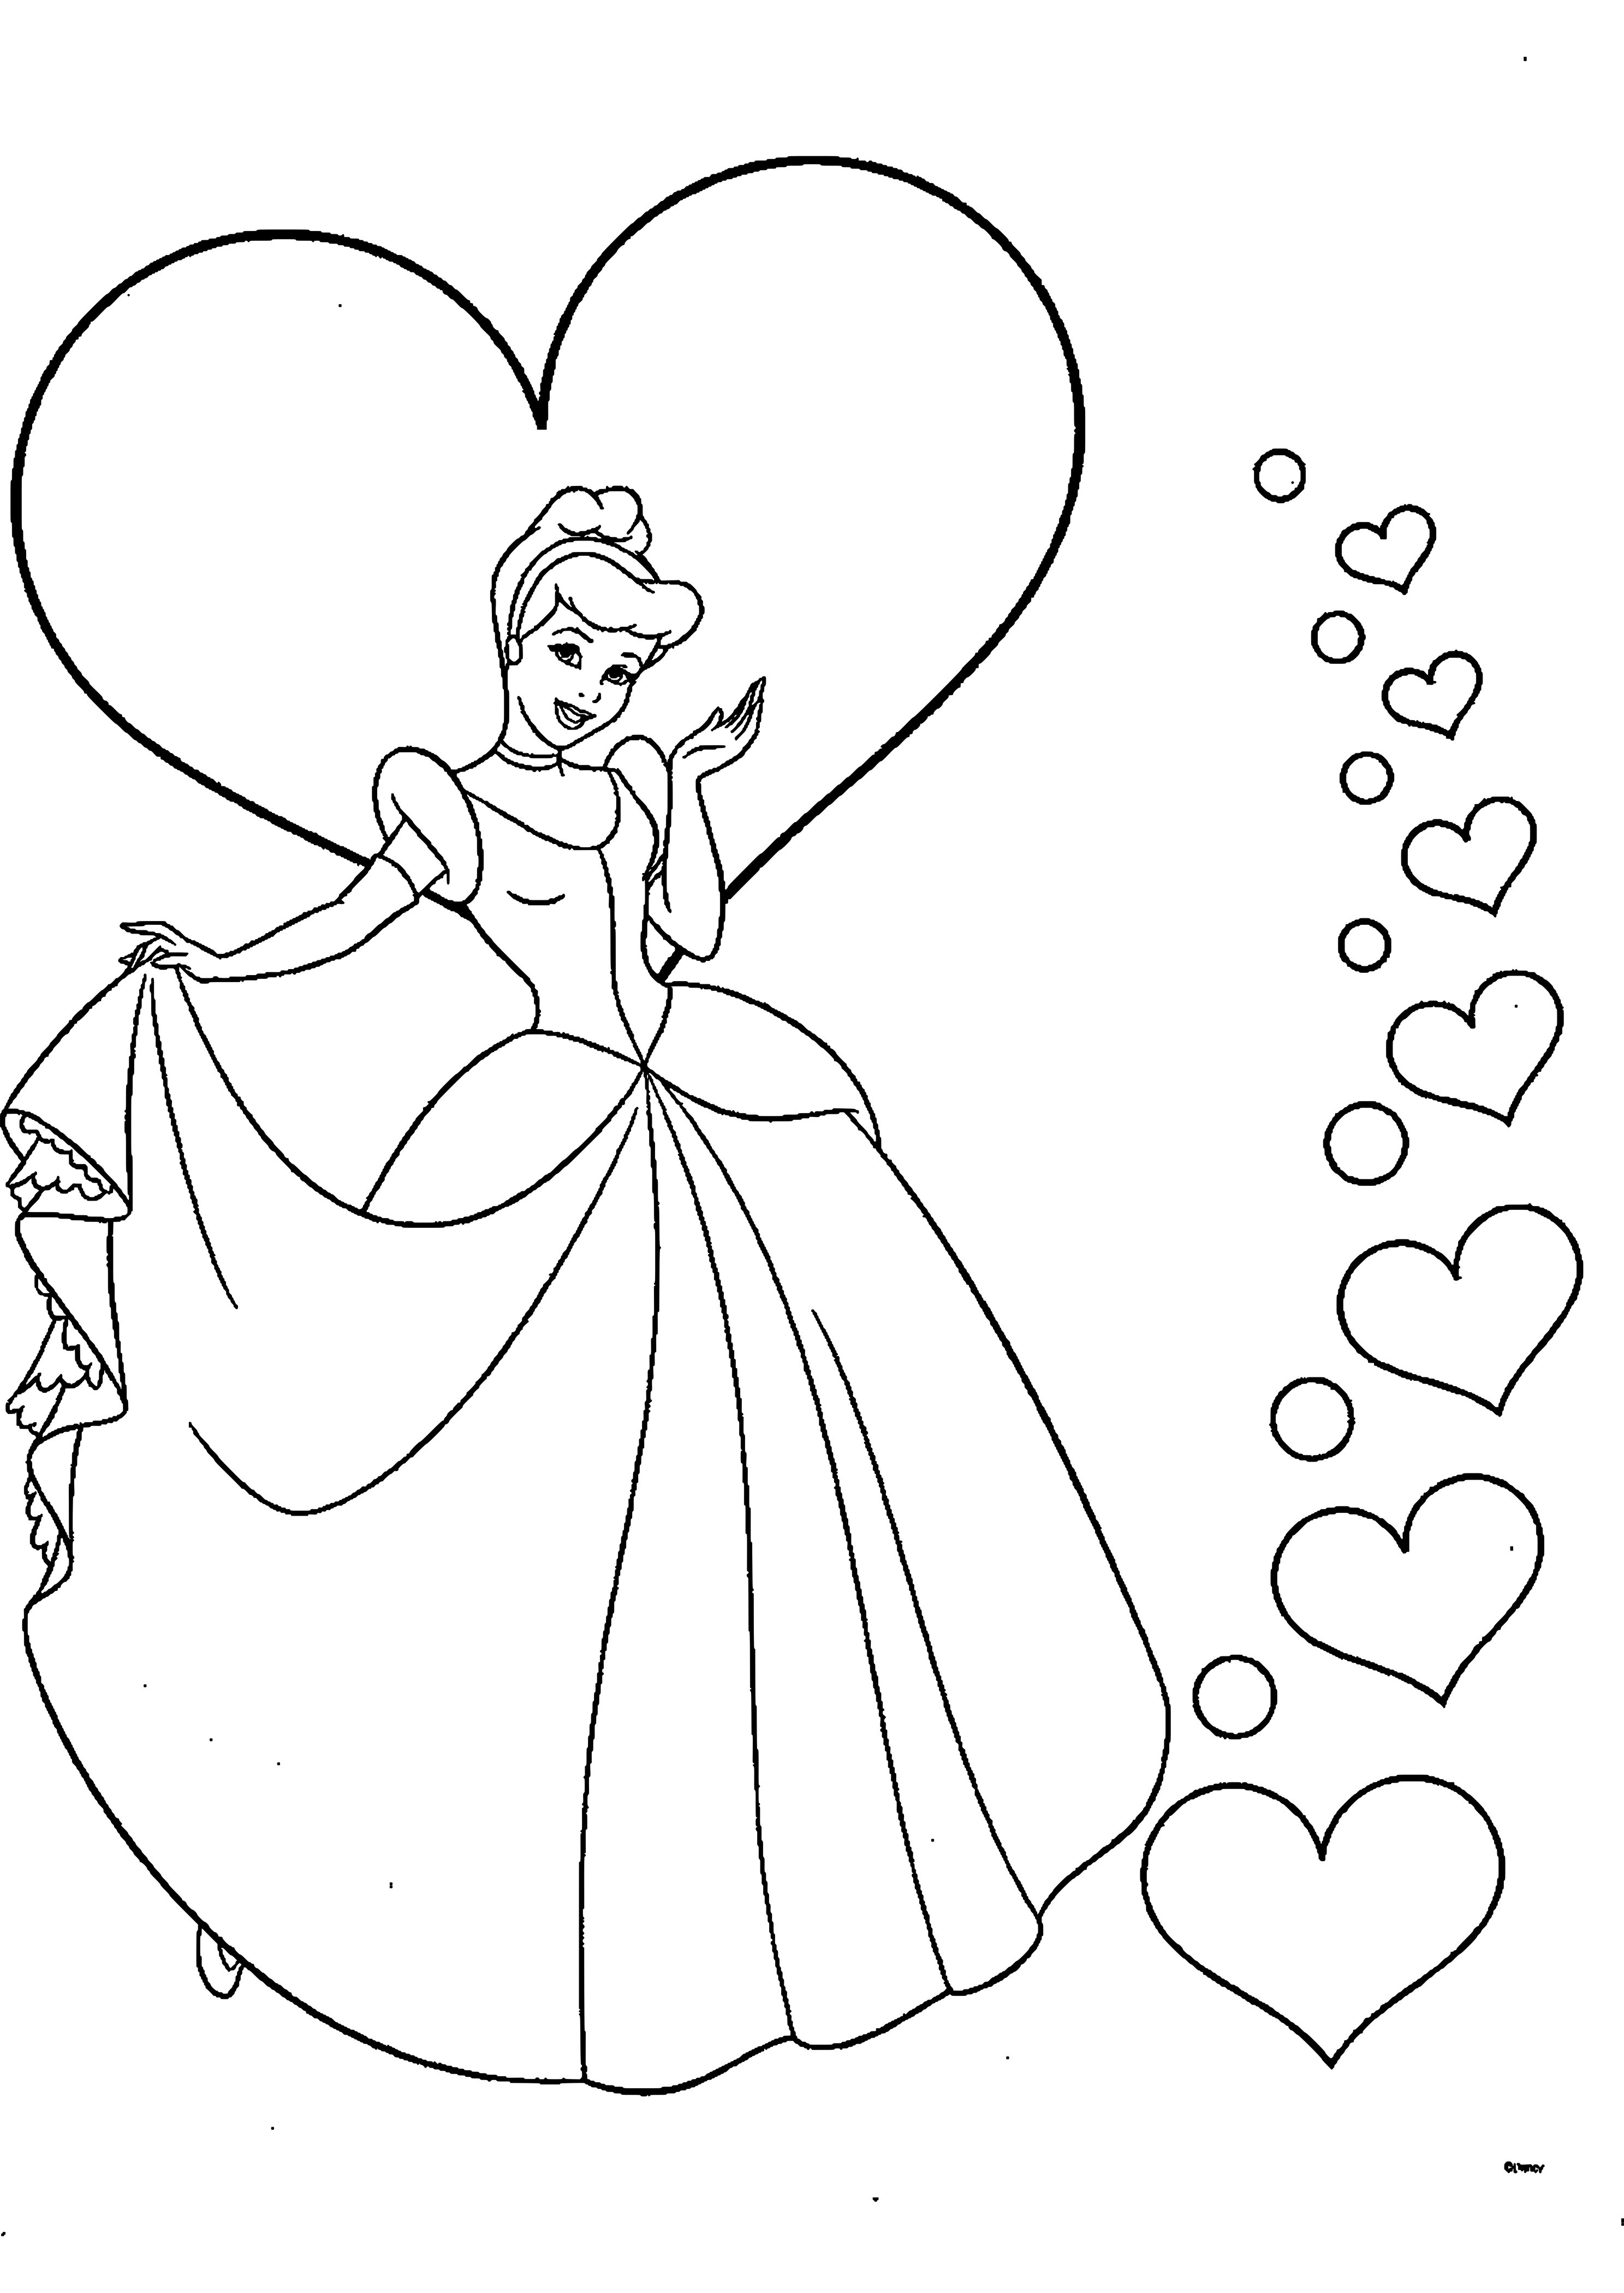 Ausmalbilder Prinzessin Gratis Das Beste Von 101 Disney Prinzessinnen Zum Ausmalen Wddj Sammlung